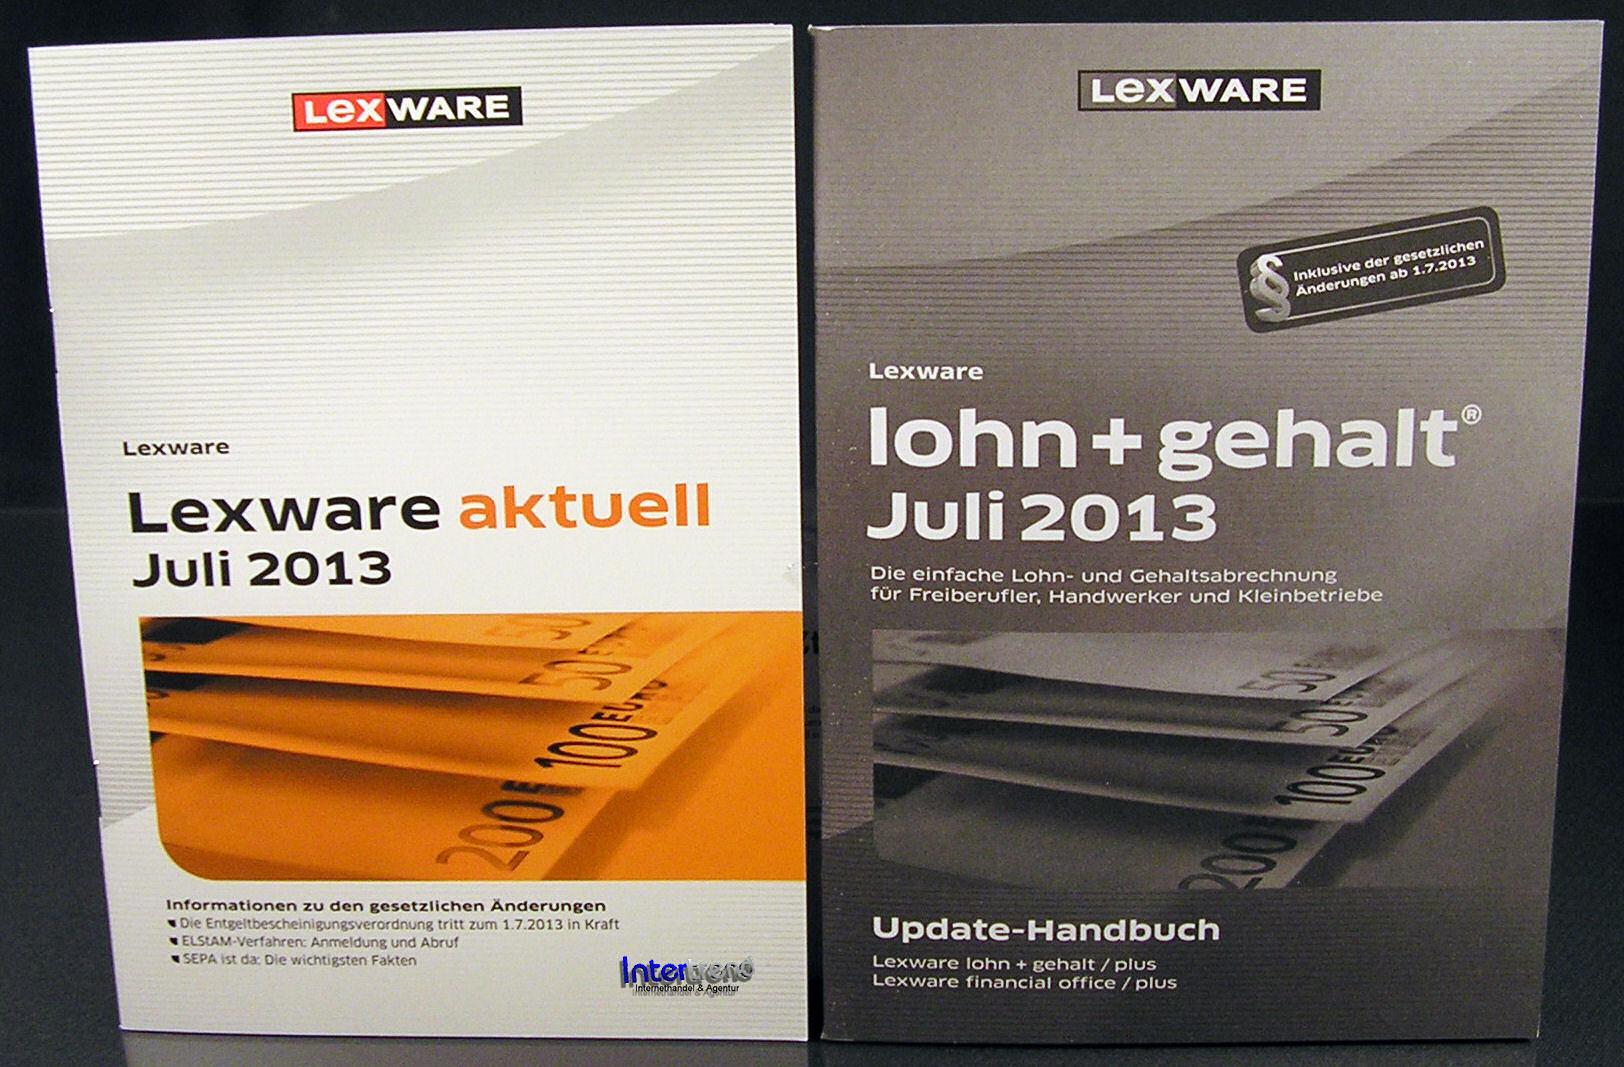 lexware lohn gehalt juli 2013 zusatzupdate 17 5 update. Black Bedroom Furniture Sets. Home Design Ideas